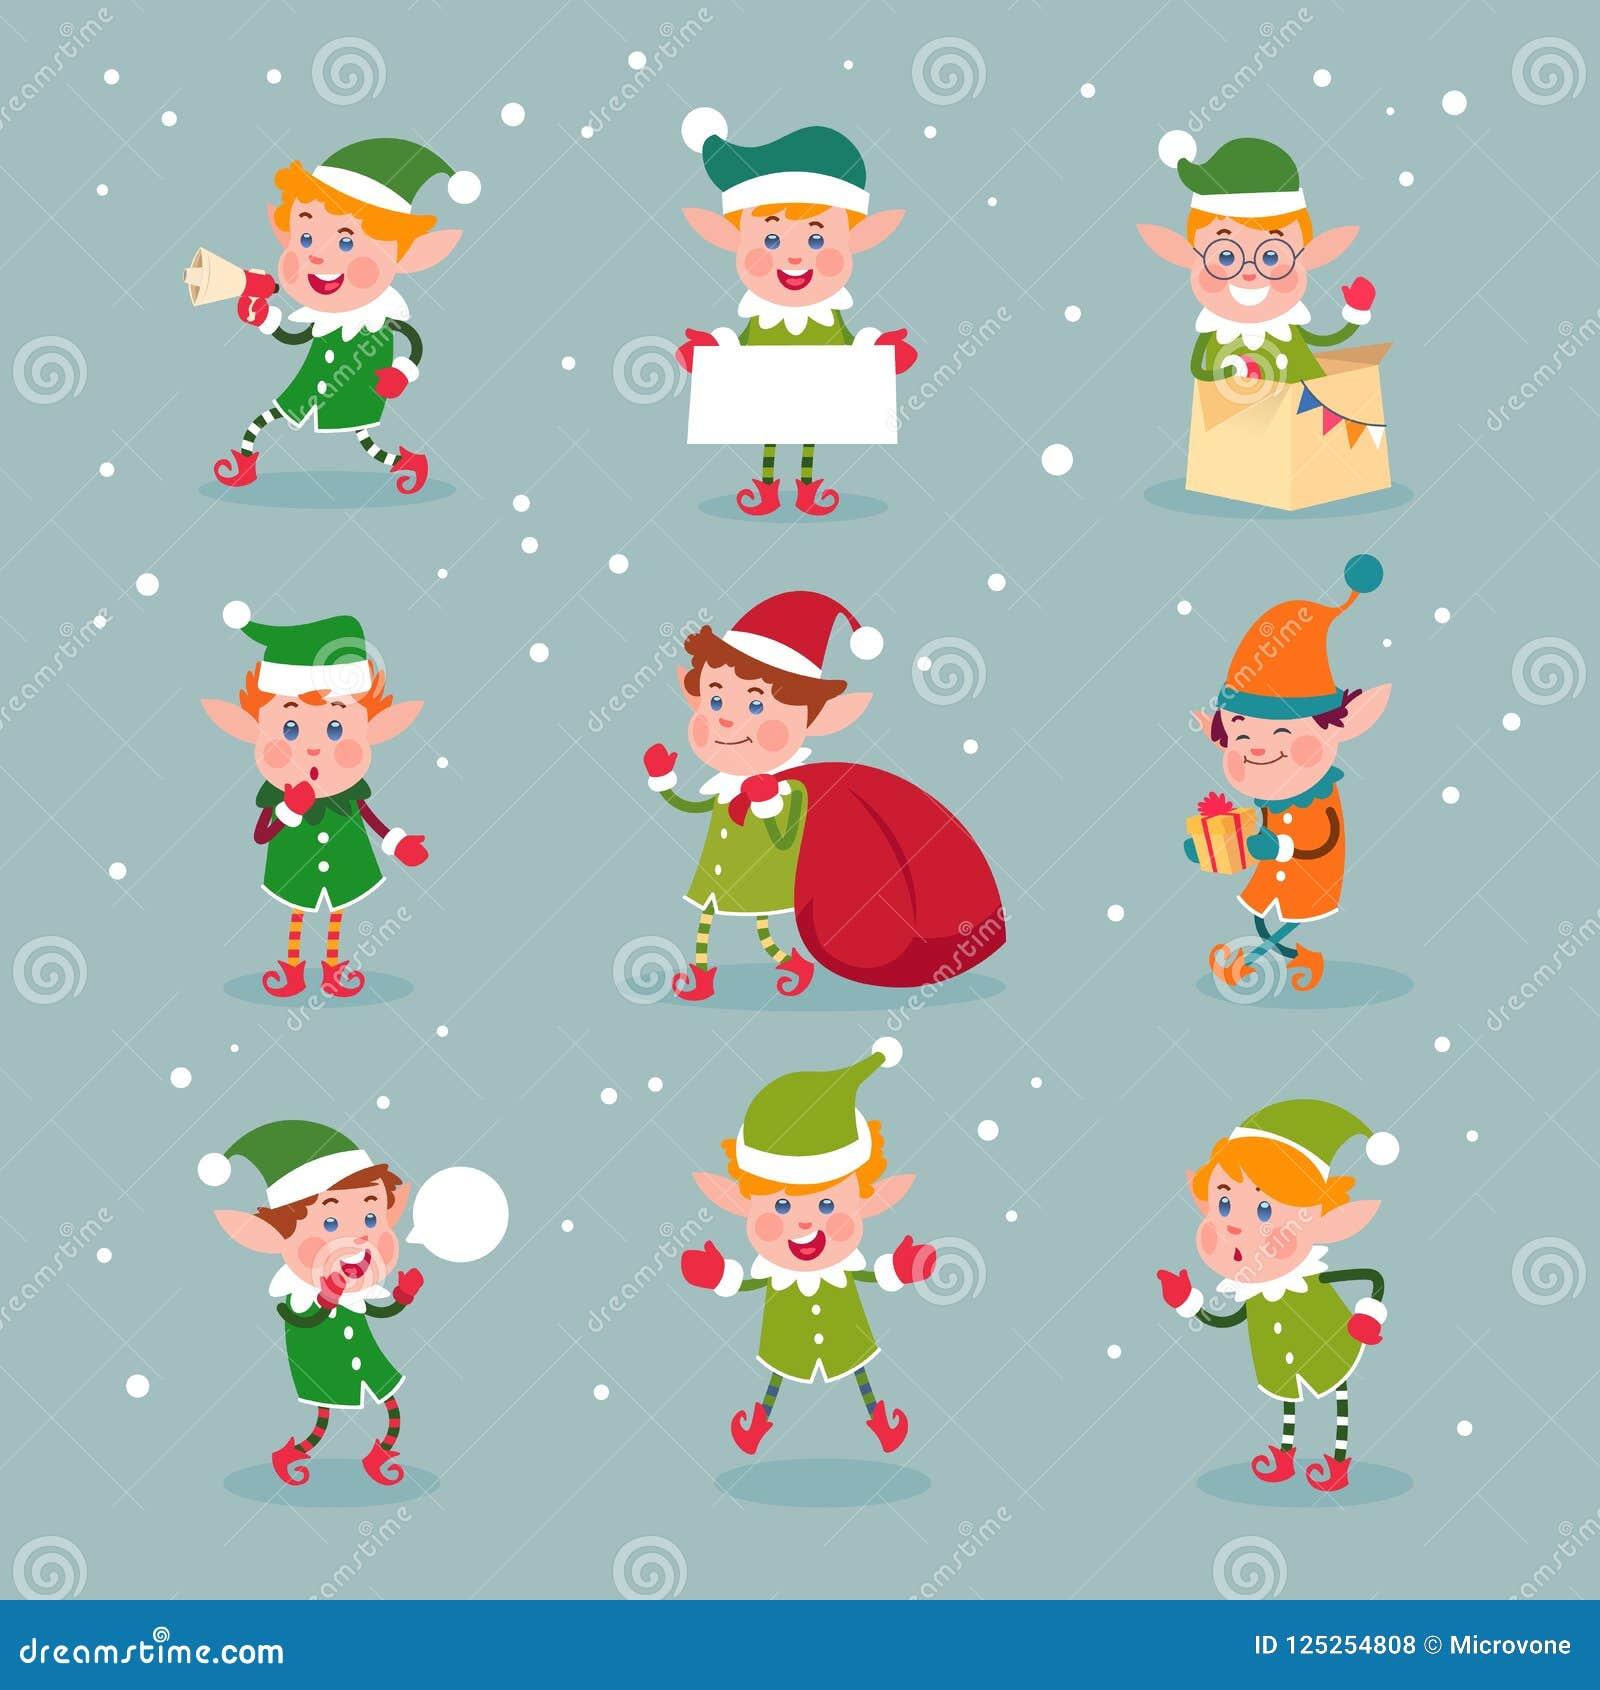 Foto Degli Elfi Di Babbo Natale.Elf Assistenti Del Babbo Natale Del Fumetto Caratteri Nani